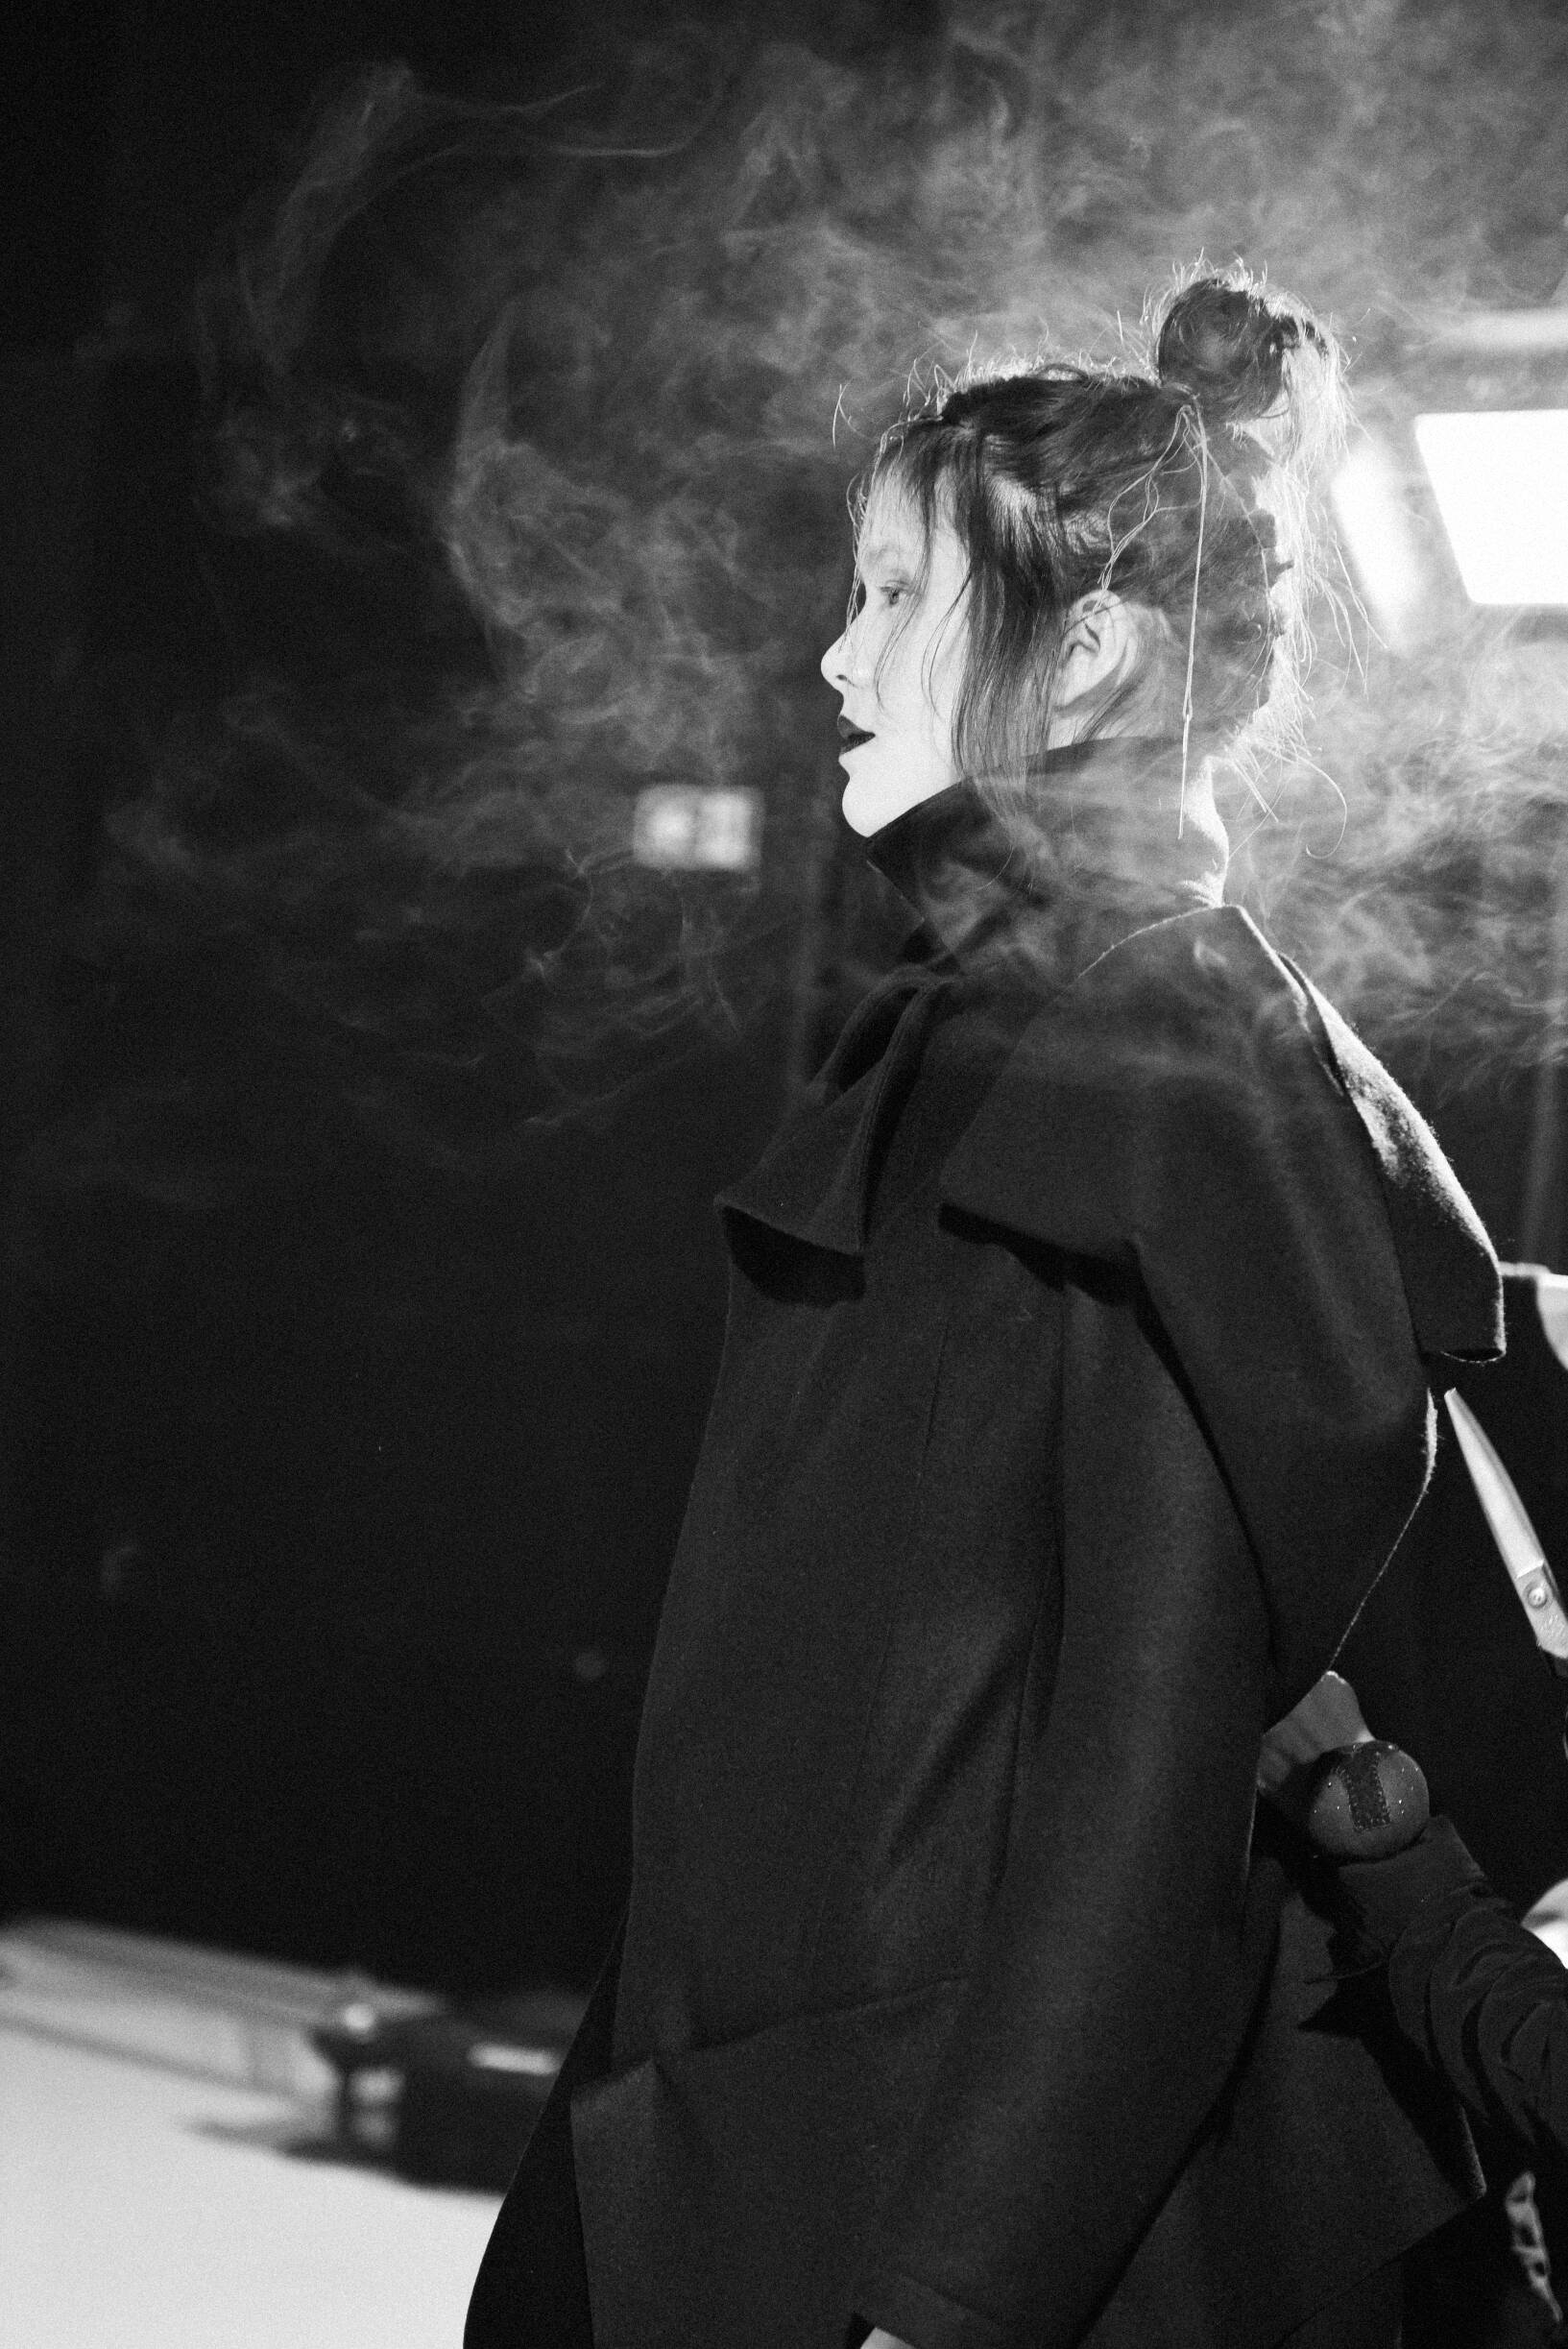 Woman Model 2019 Backstage Yohji Yamamoto